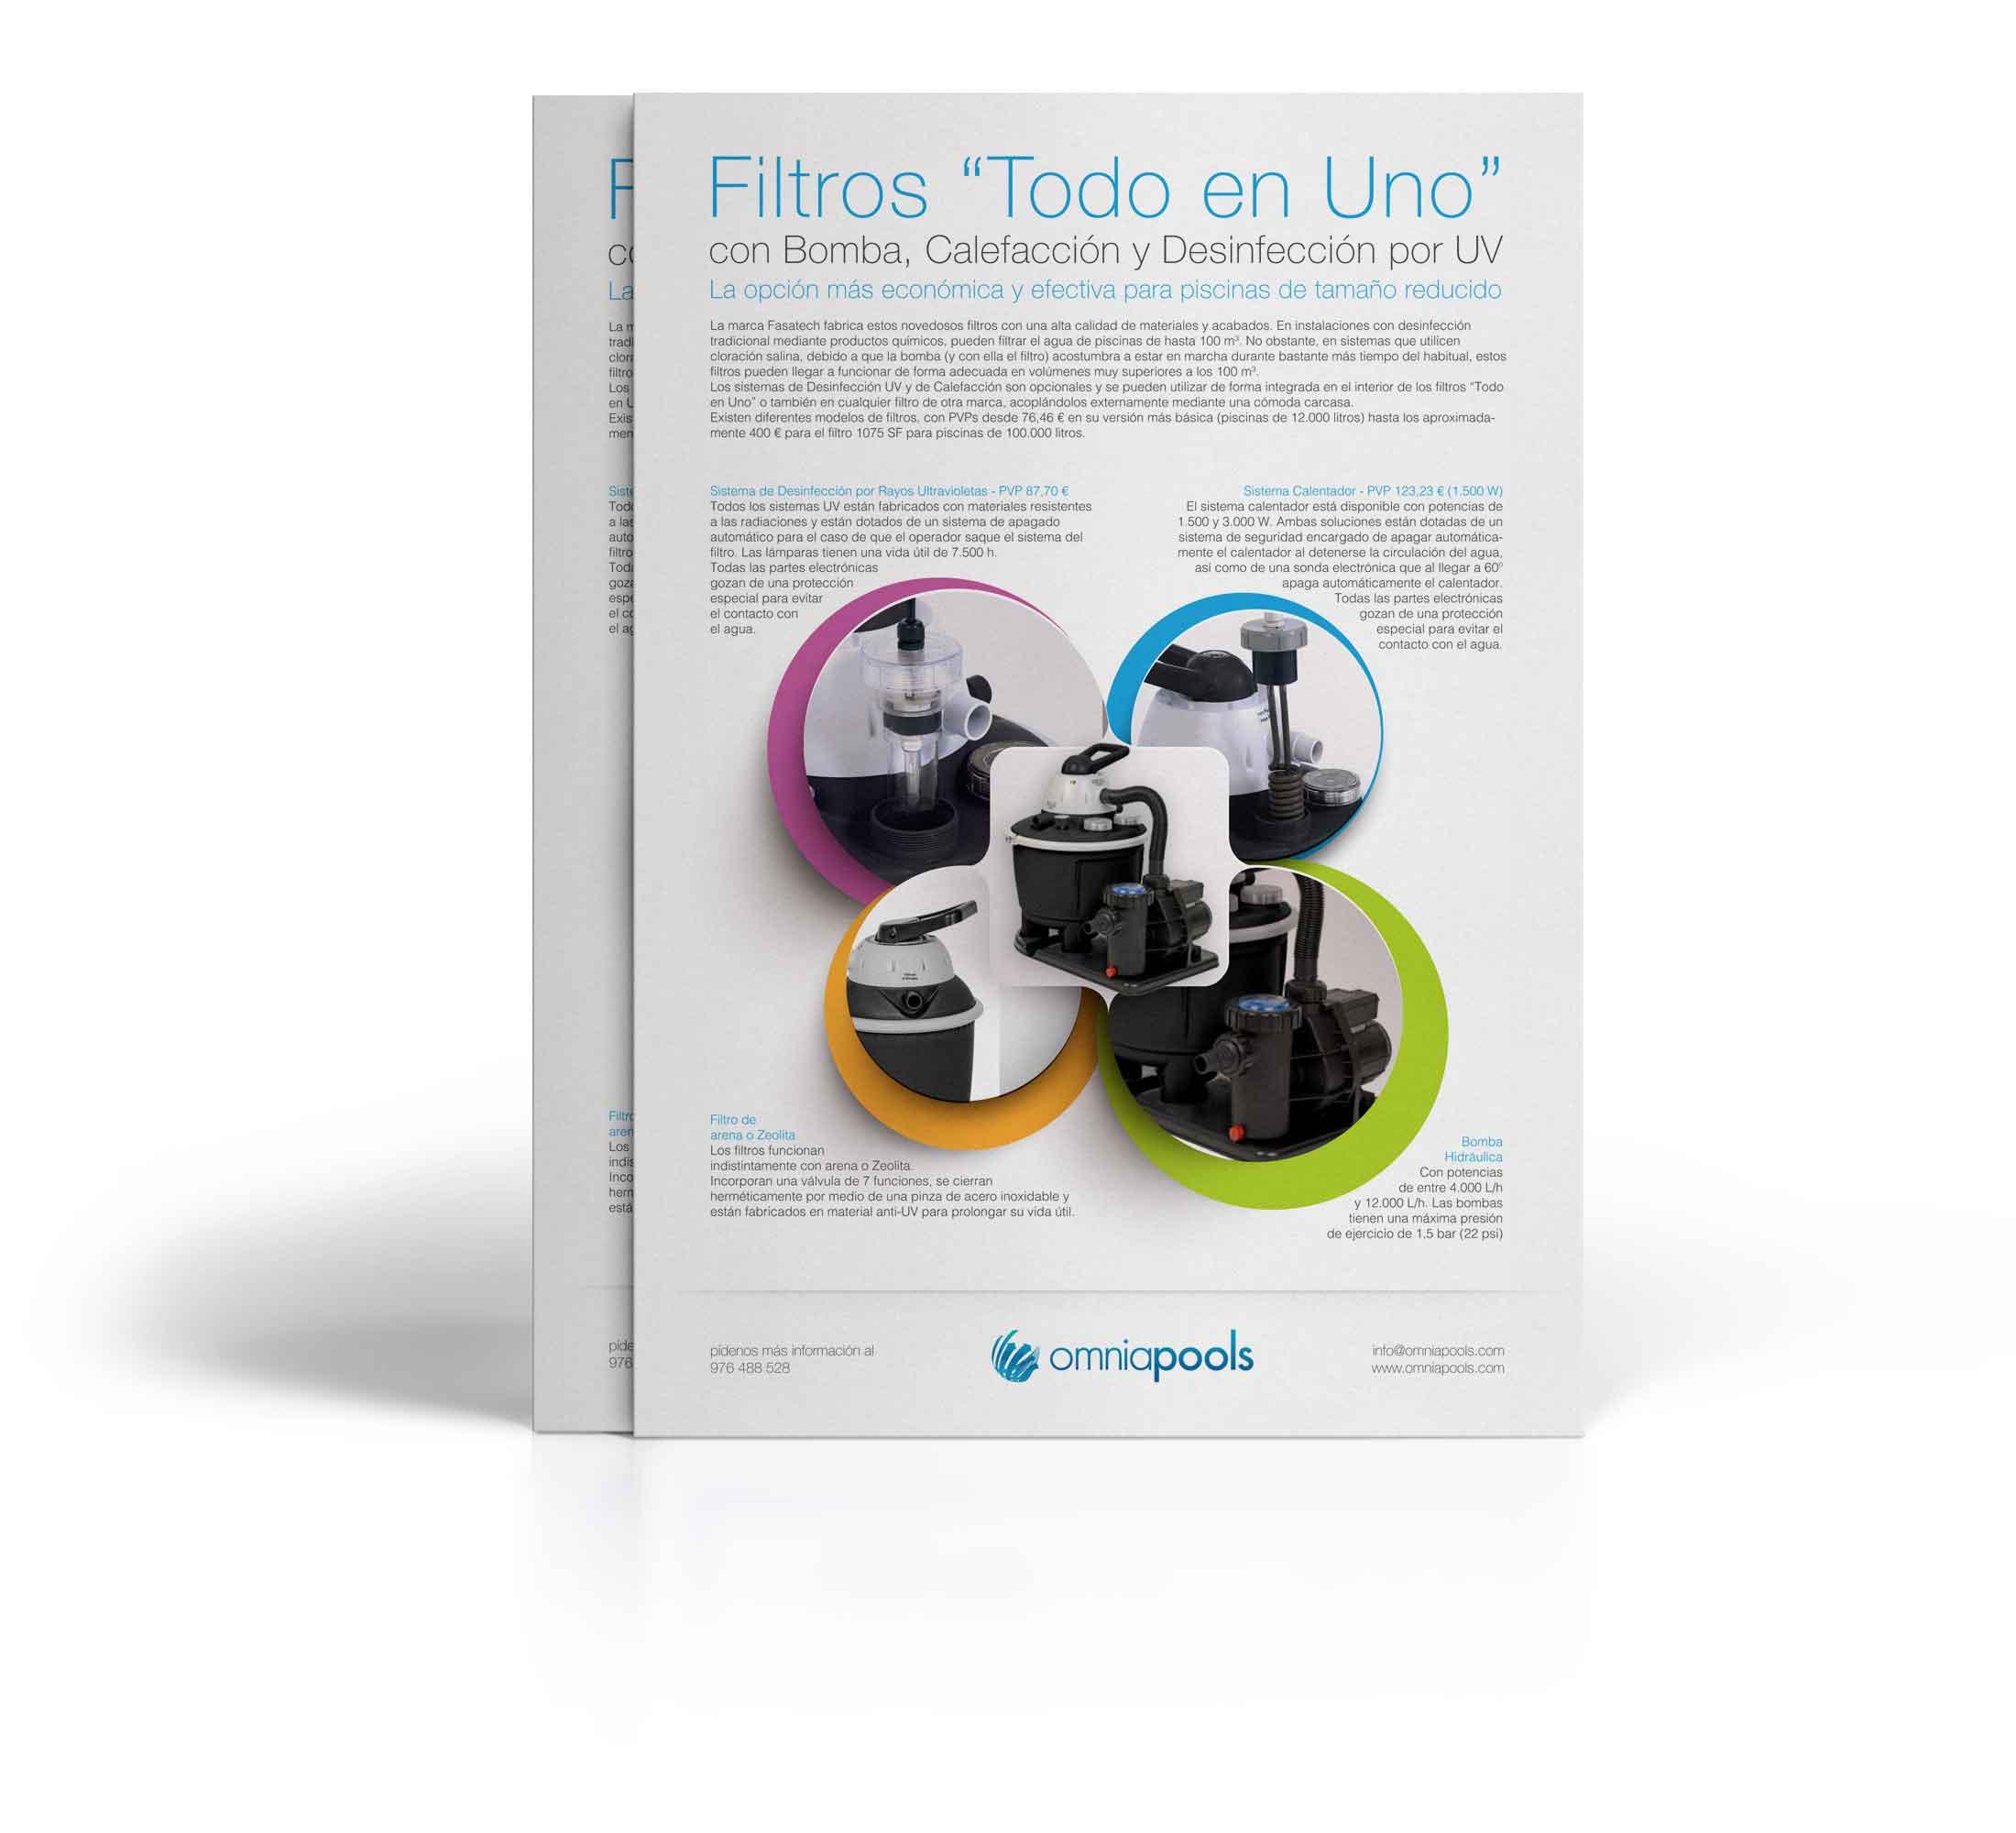 Filtros Integrales que incluyen Bomba, Sistema UV y Calefacción